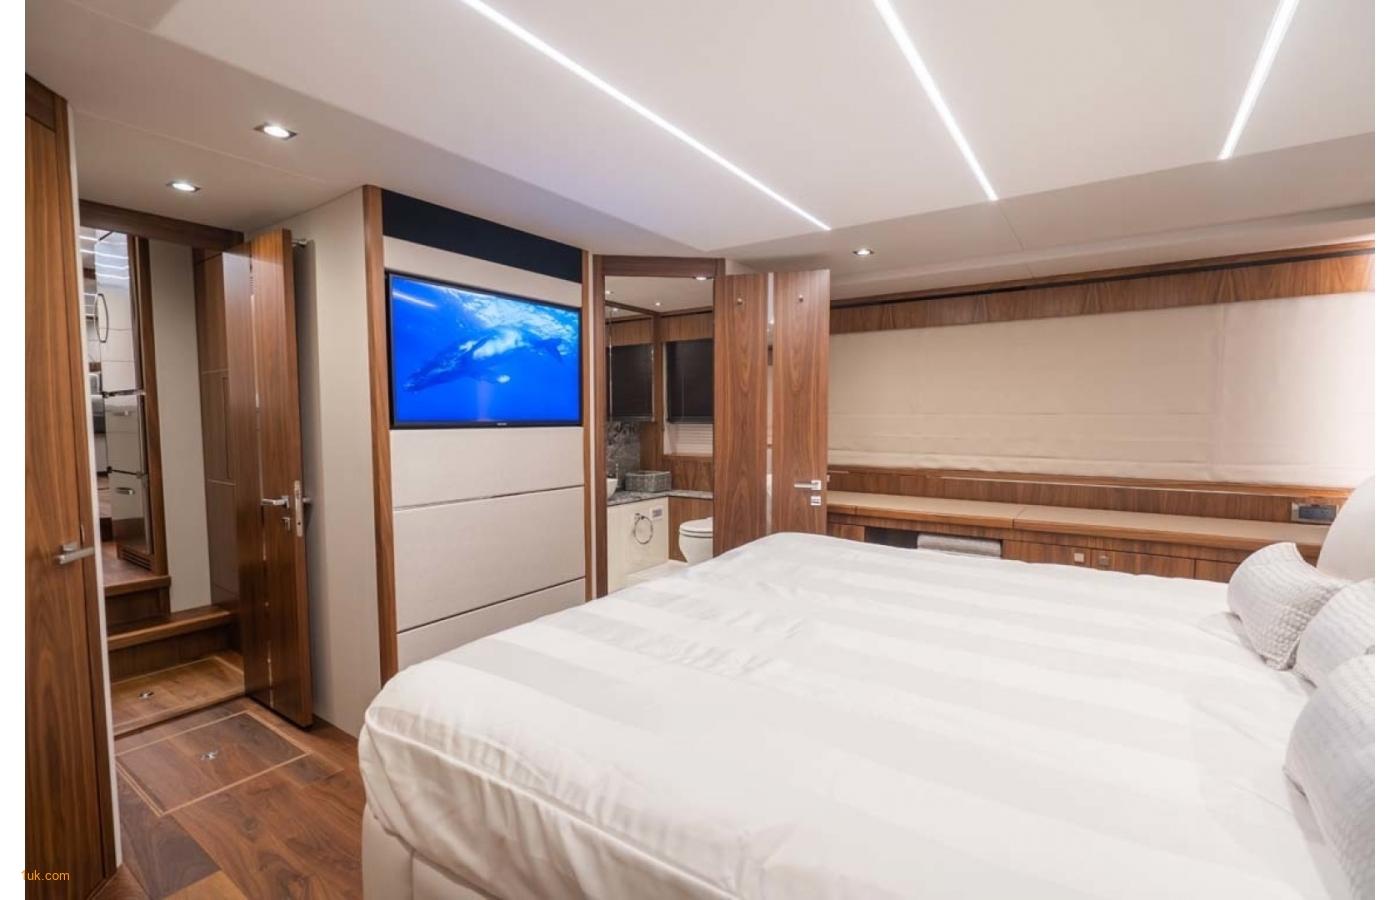 Double bedroom in the Predator 74 Motor yacht